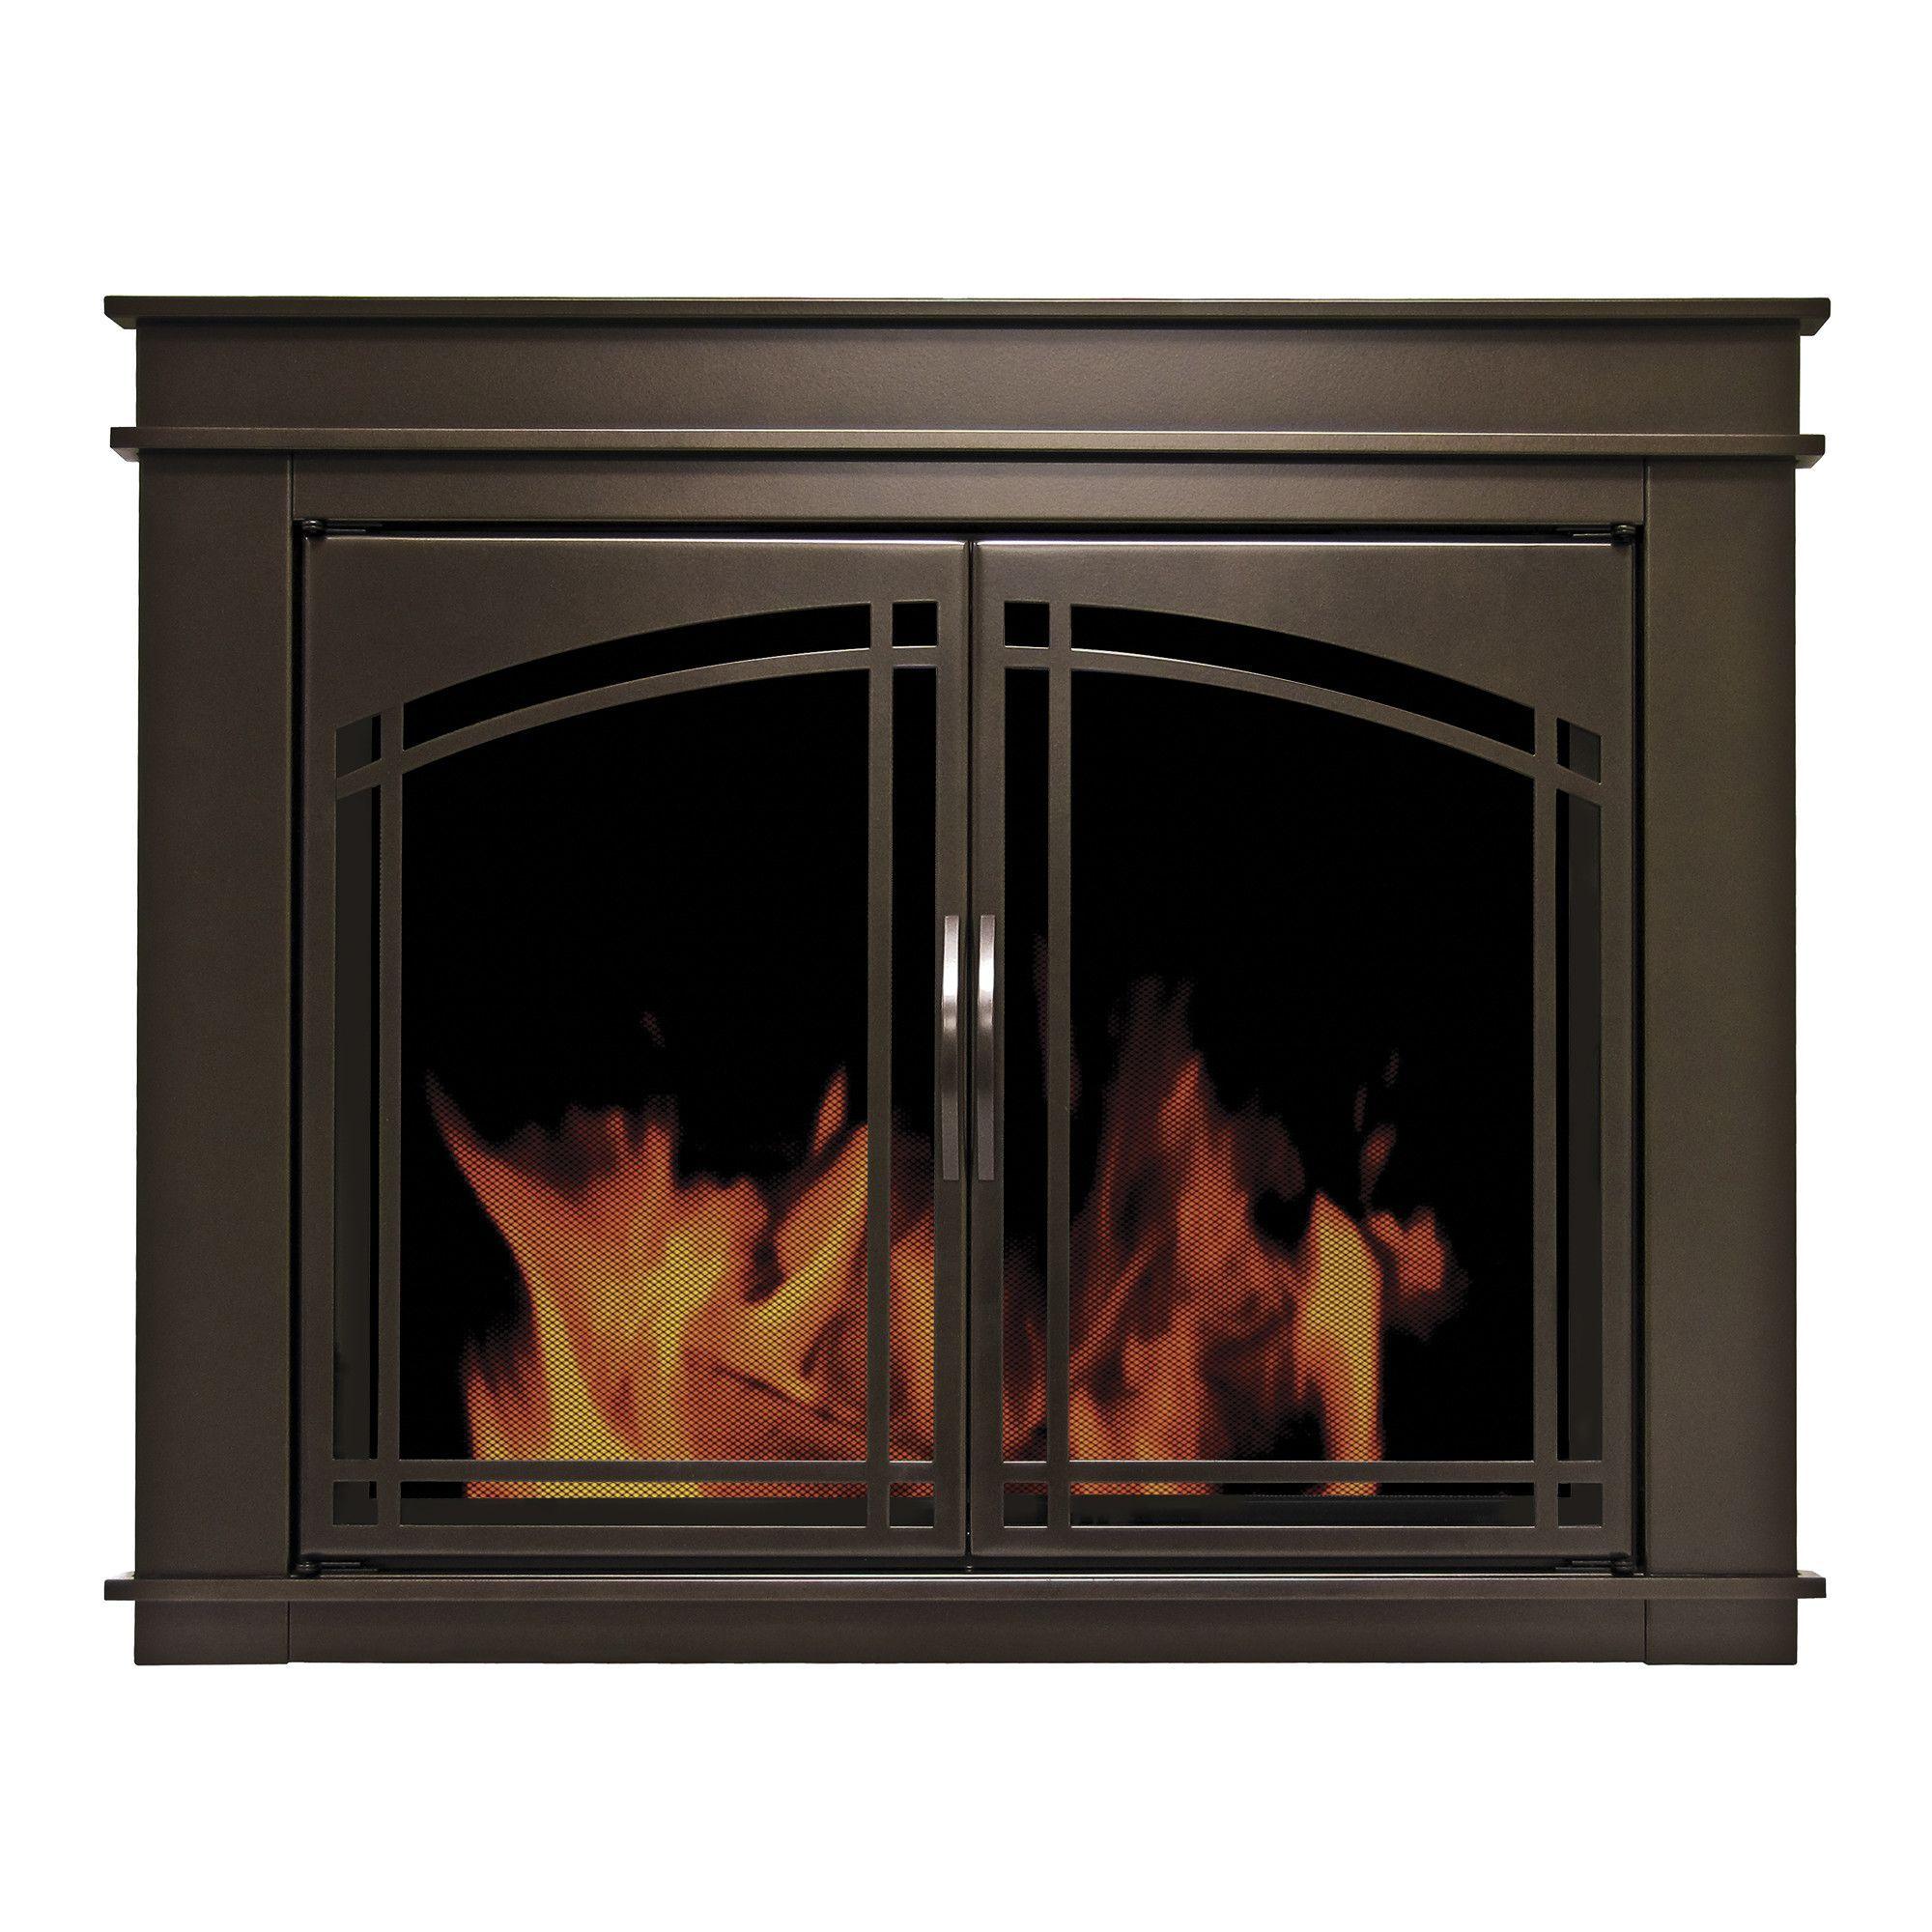 Fenwick Cabinet Style Steel Fireplace Doors Fireplaces Fireplace Glass Doors Fireplace Doors Cabinet Styles